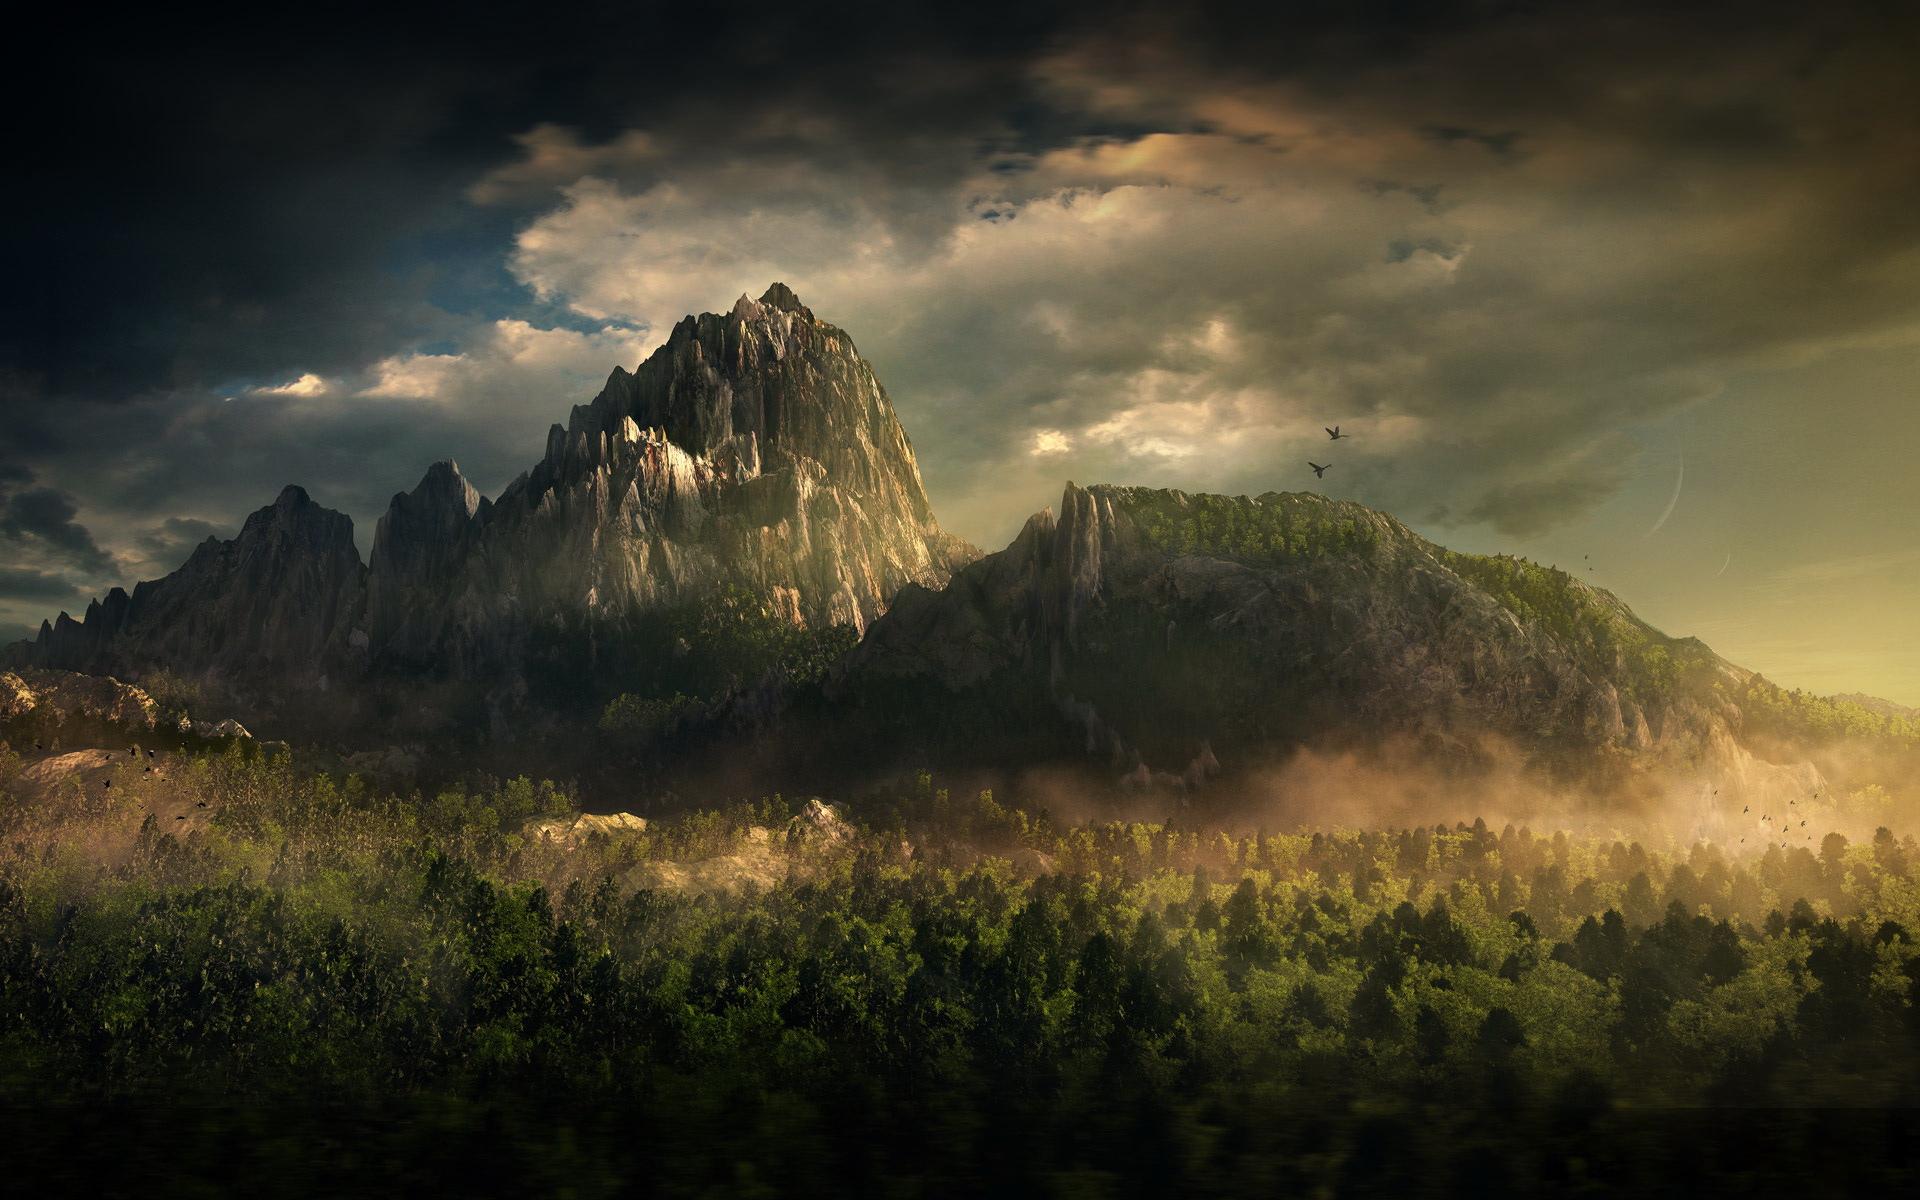 Fantasy mountain